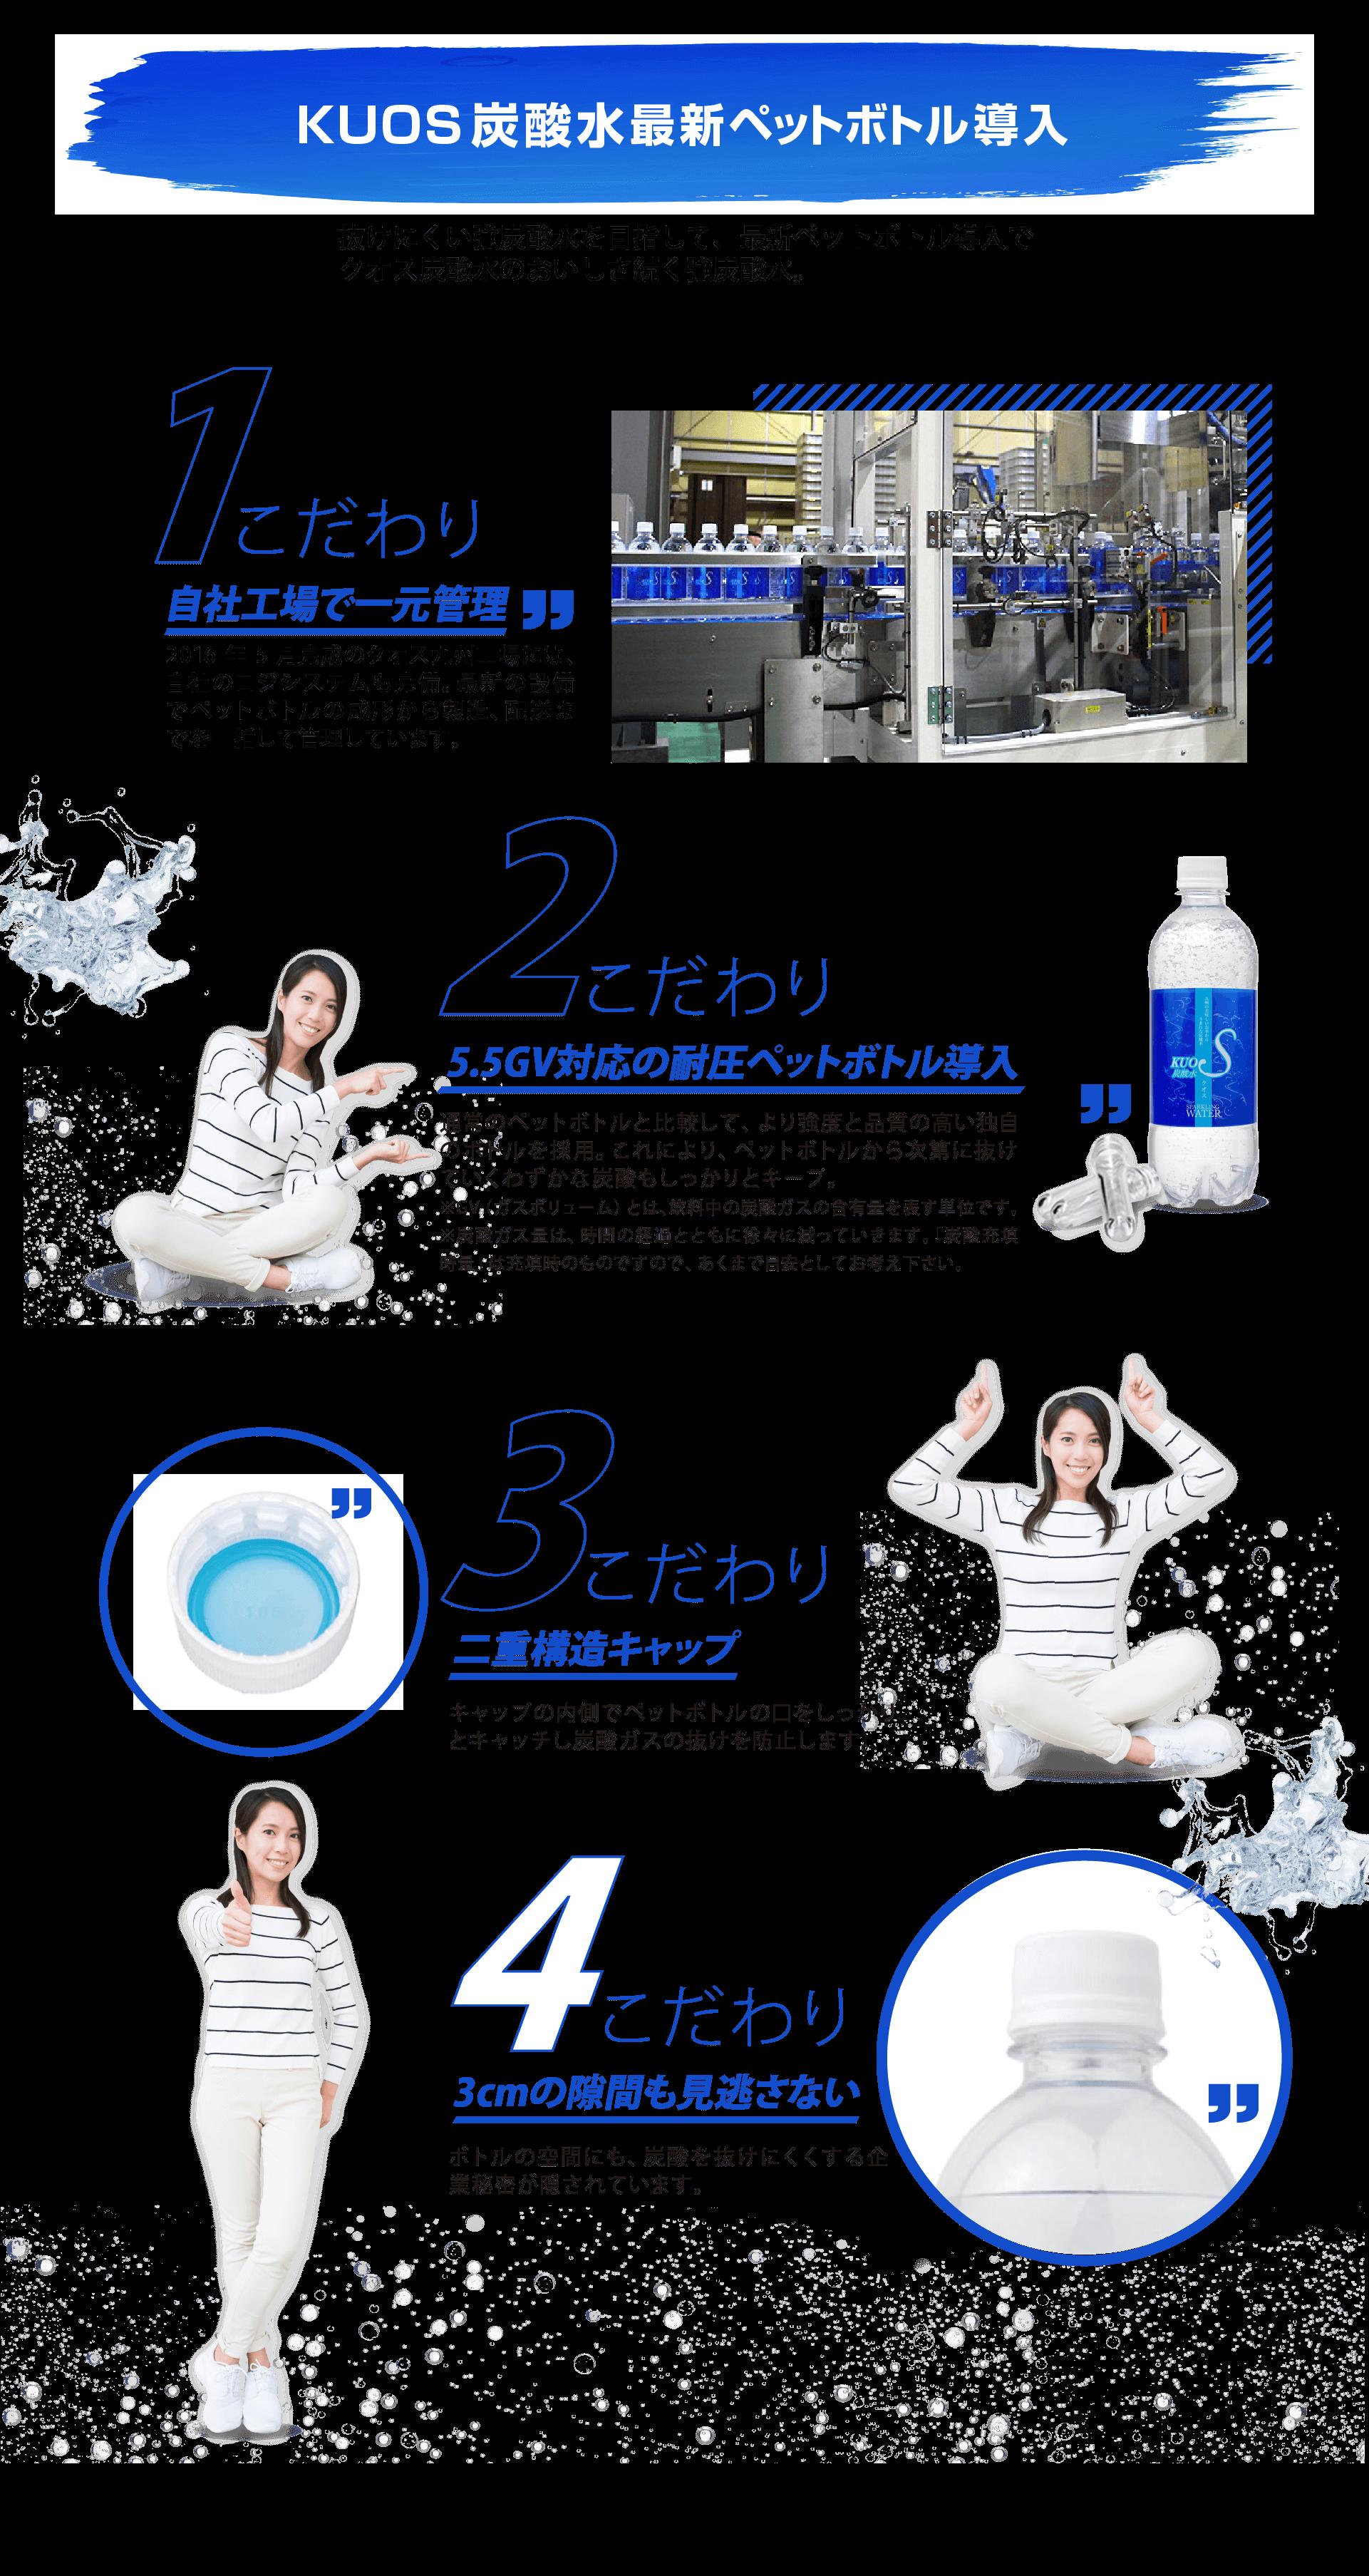 抜けにくい強炭酸水を目指して、最新ペットボトル導入しています。自社工場でペットボトルの整形から製造、配送までを一括管理。ペットボトルは5.5ガスボリューム対応の耐圧ペットボトルを導入。ペットボトルから次第に抜けていくわずかな炭酸もしっかりとキープ。2重構造キャップで炭酸ガスの抜けを防止、ボトルの空間にも、炭酸を抜けにくくする企業秘密が隠されています。